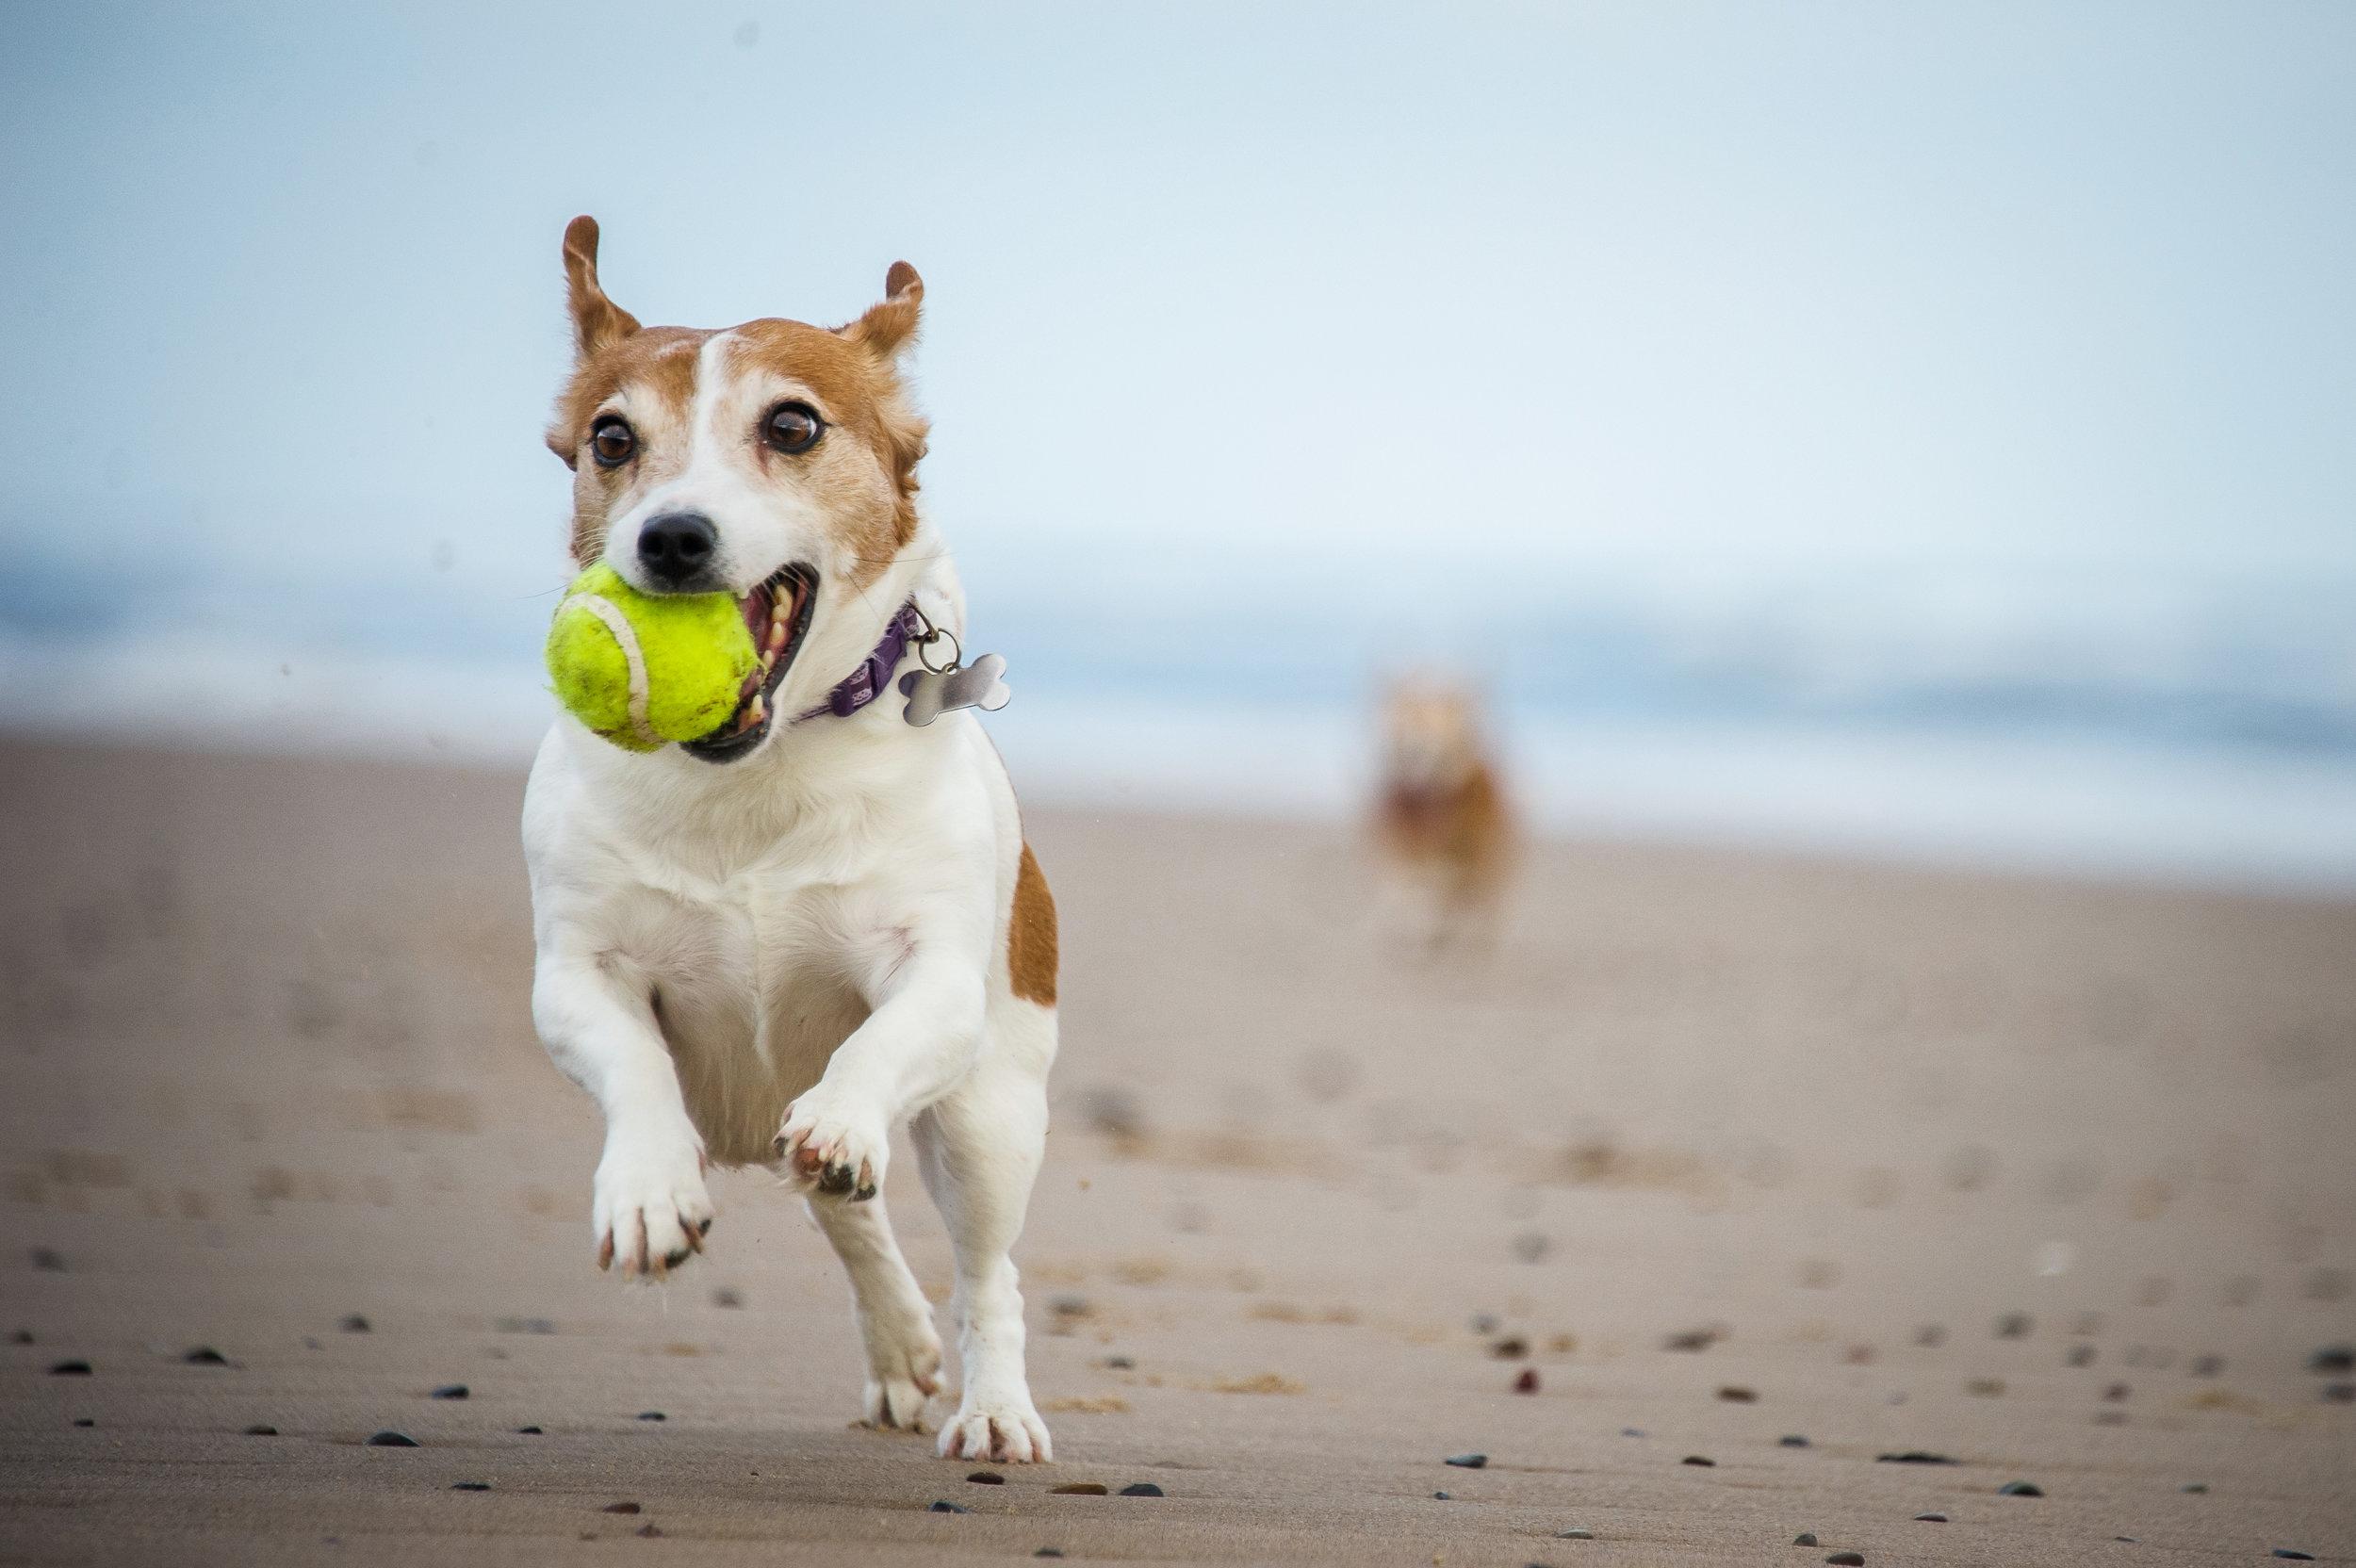 Dog and Ball.jpg